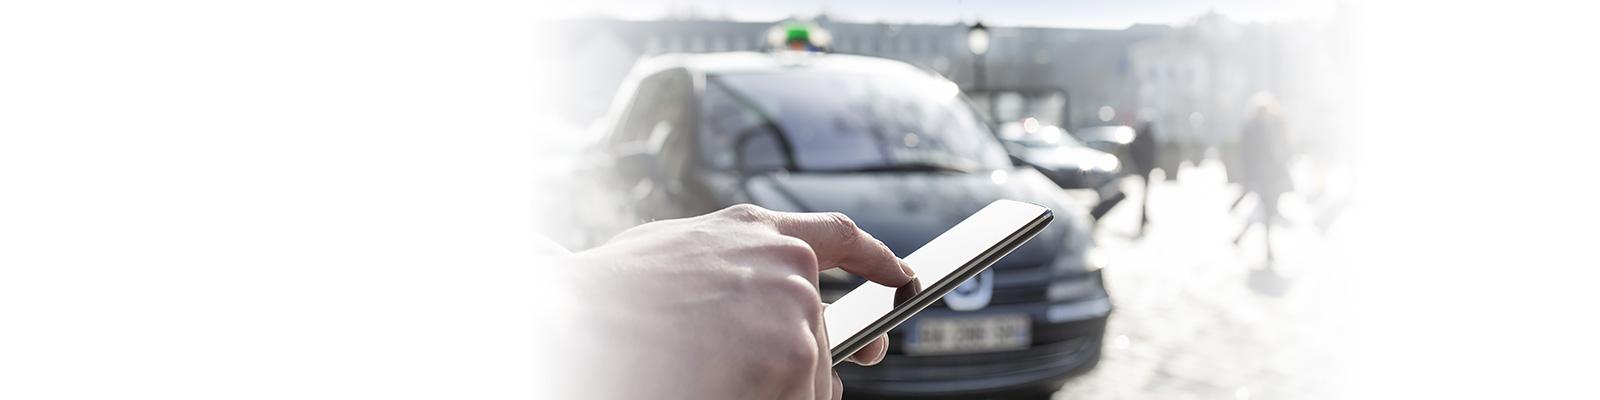 交通 アプリ 自動車 イメージ